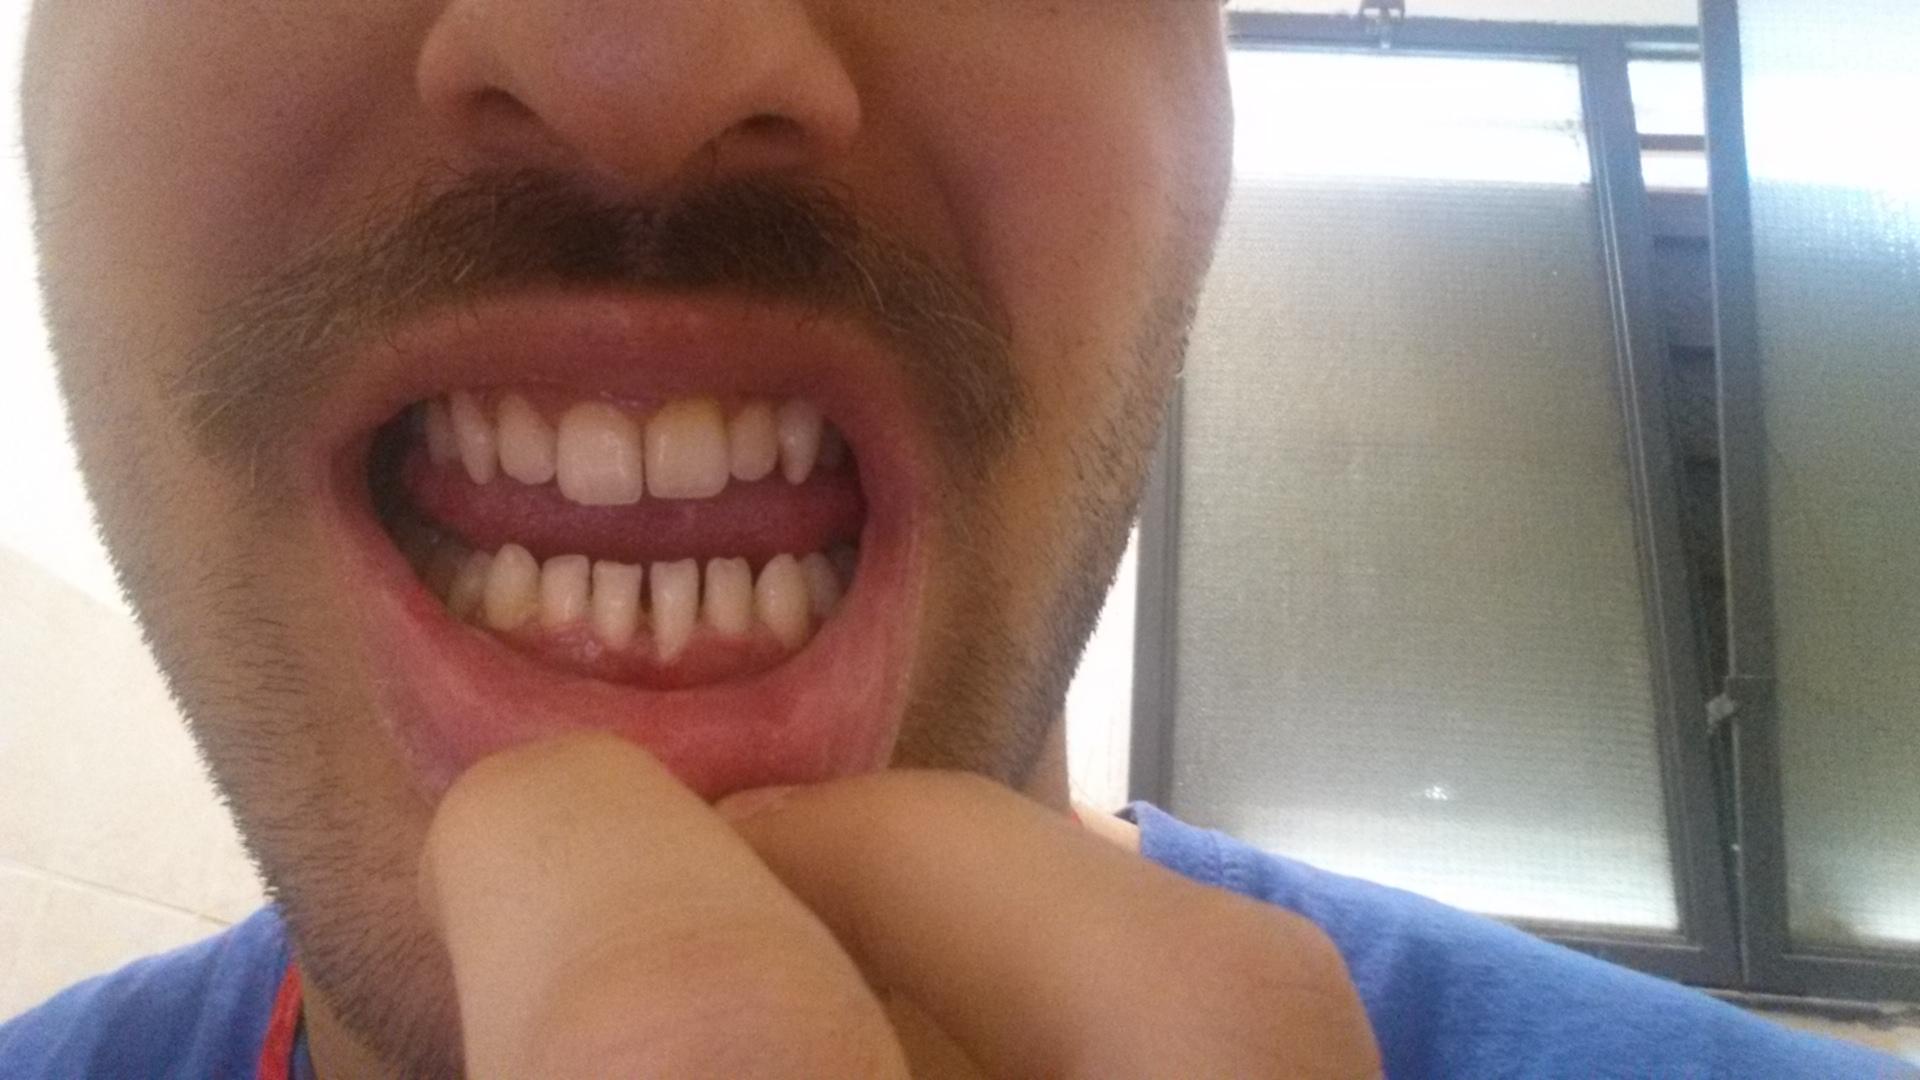 Da qualche anno soffro di retrazione gengivale ai denti inferiori